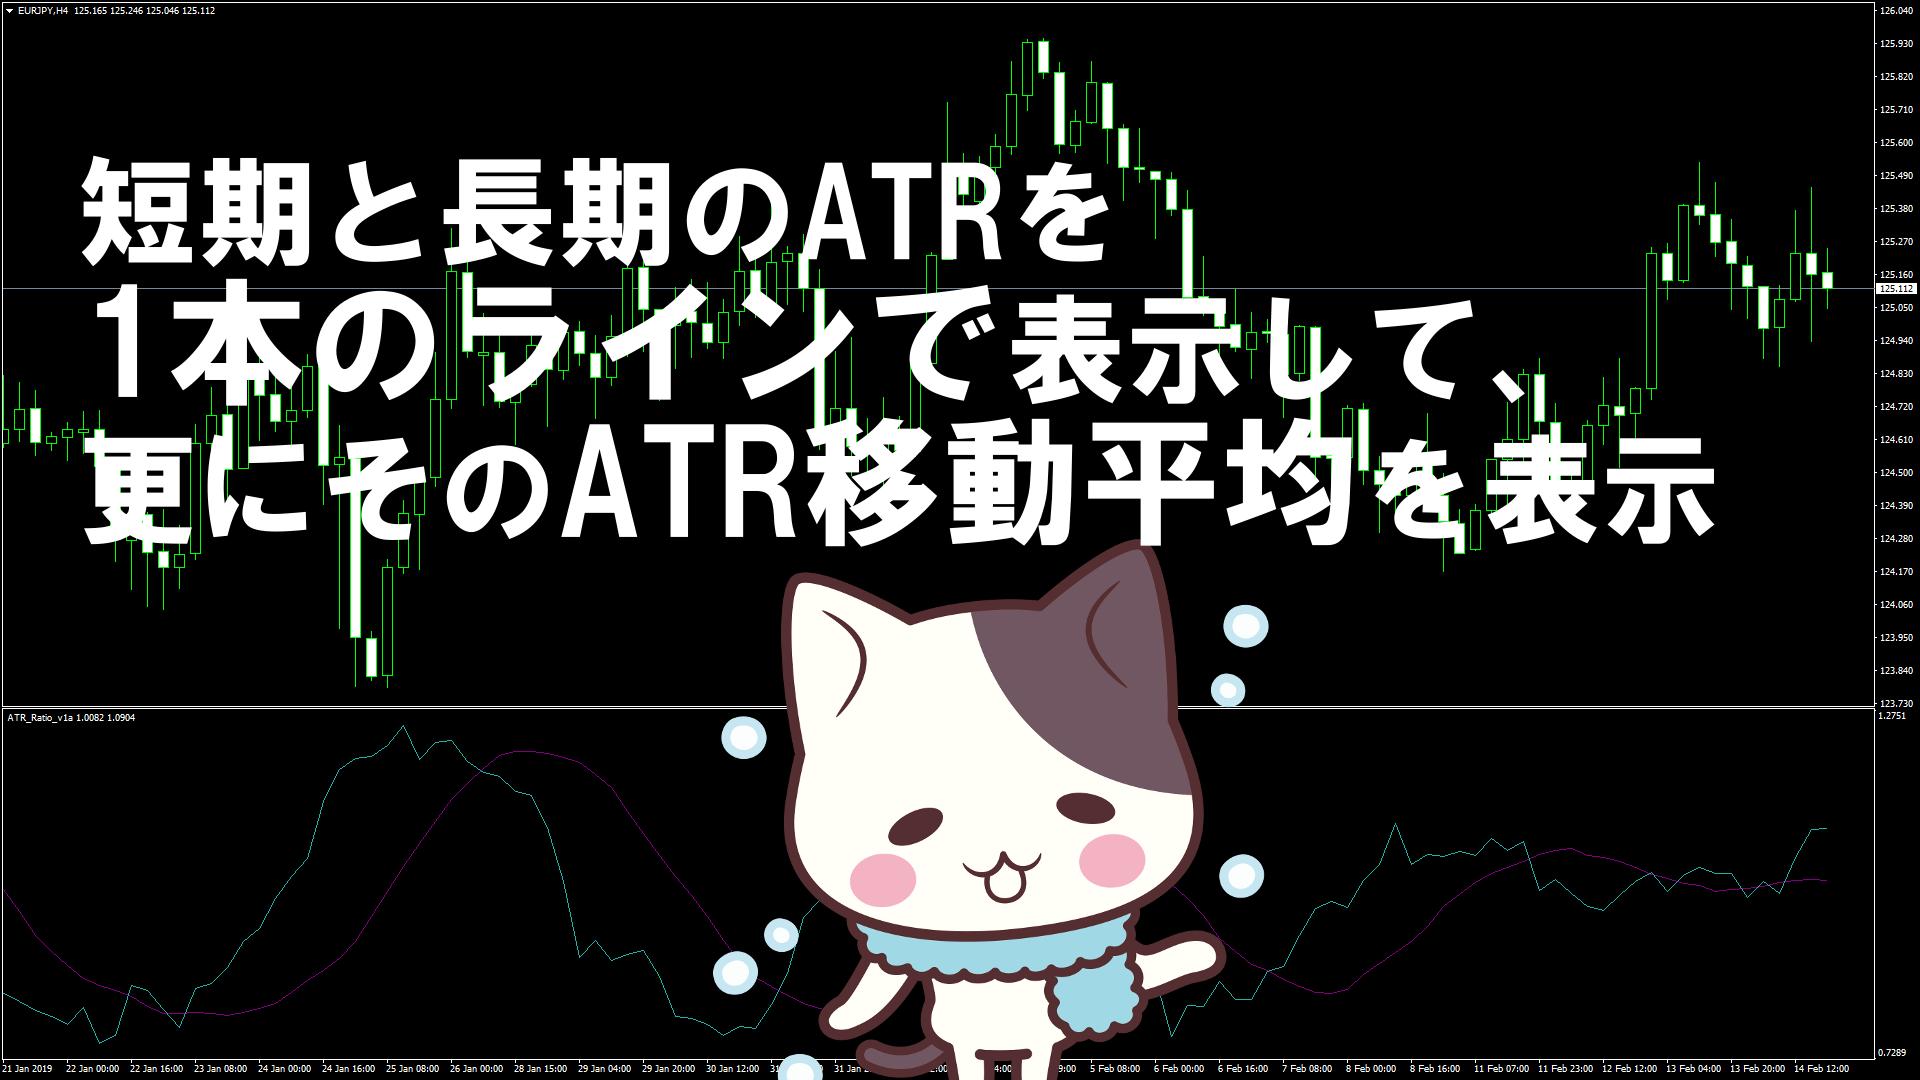 短期と長期のATRを1本のラインで表示して、更にそのATR移動平均を表示するMT4インジケーター『ATR_Ratio_v1a』